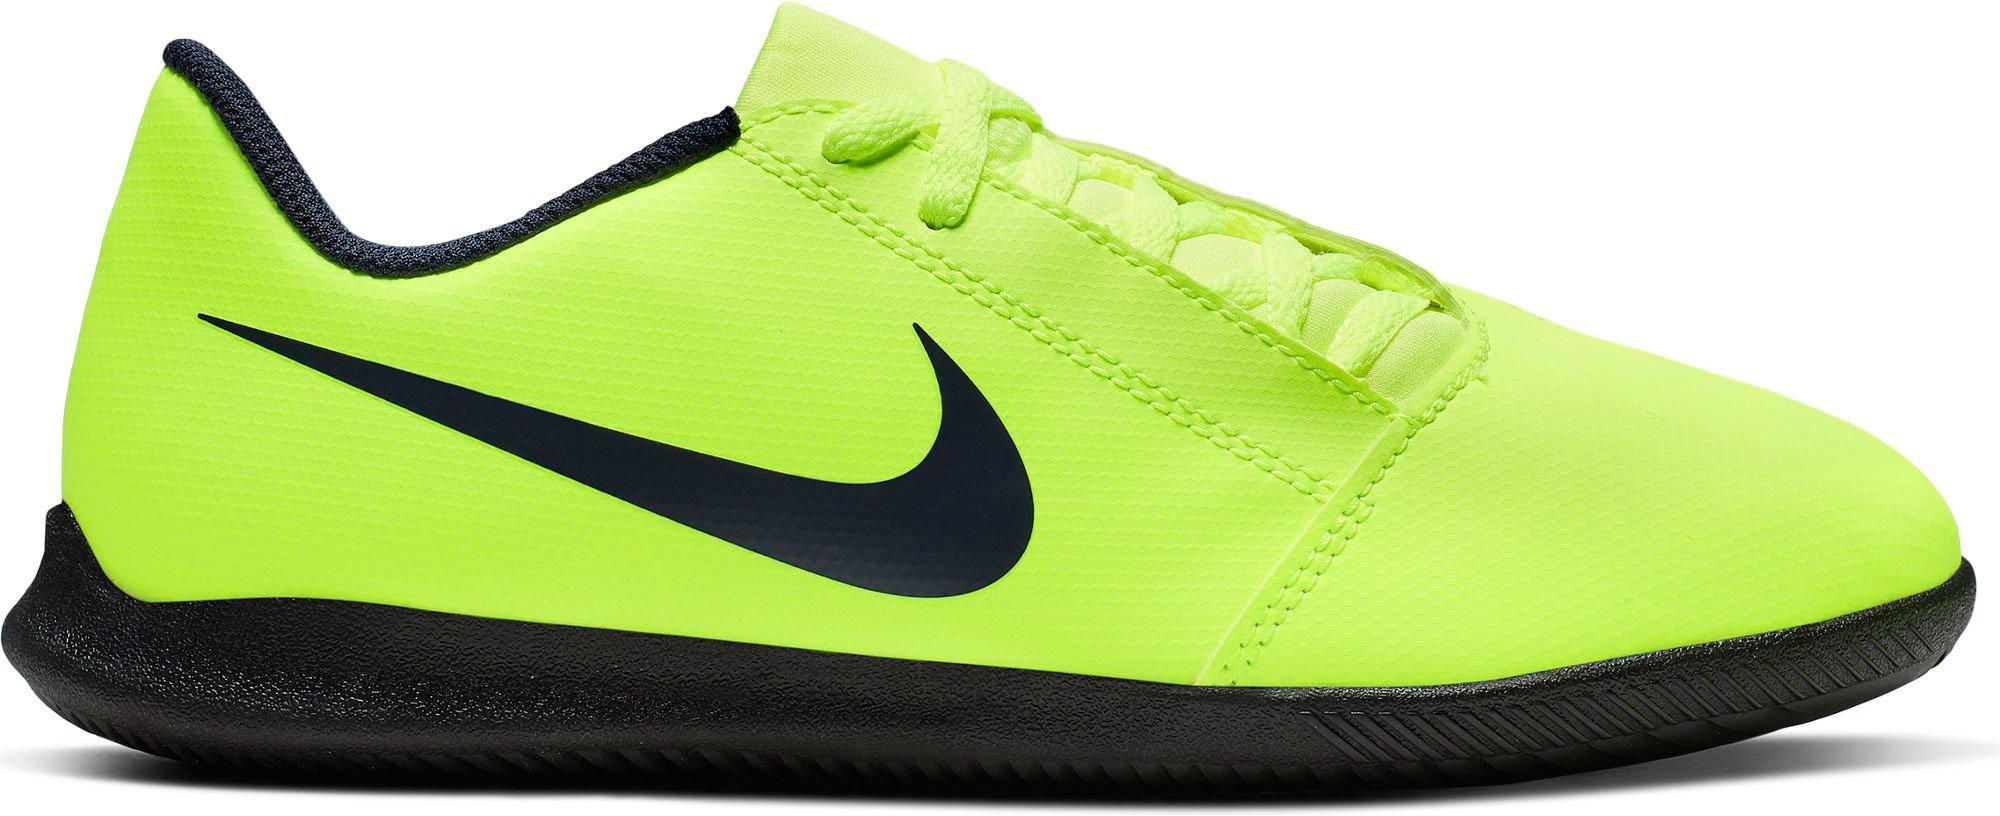 Nike Phantom Venom Club IC JR 34 EUR